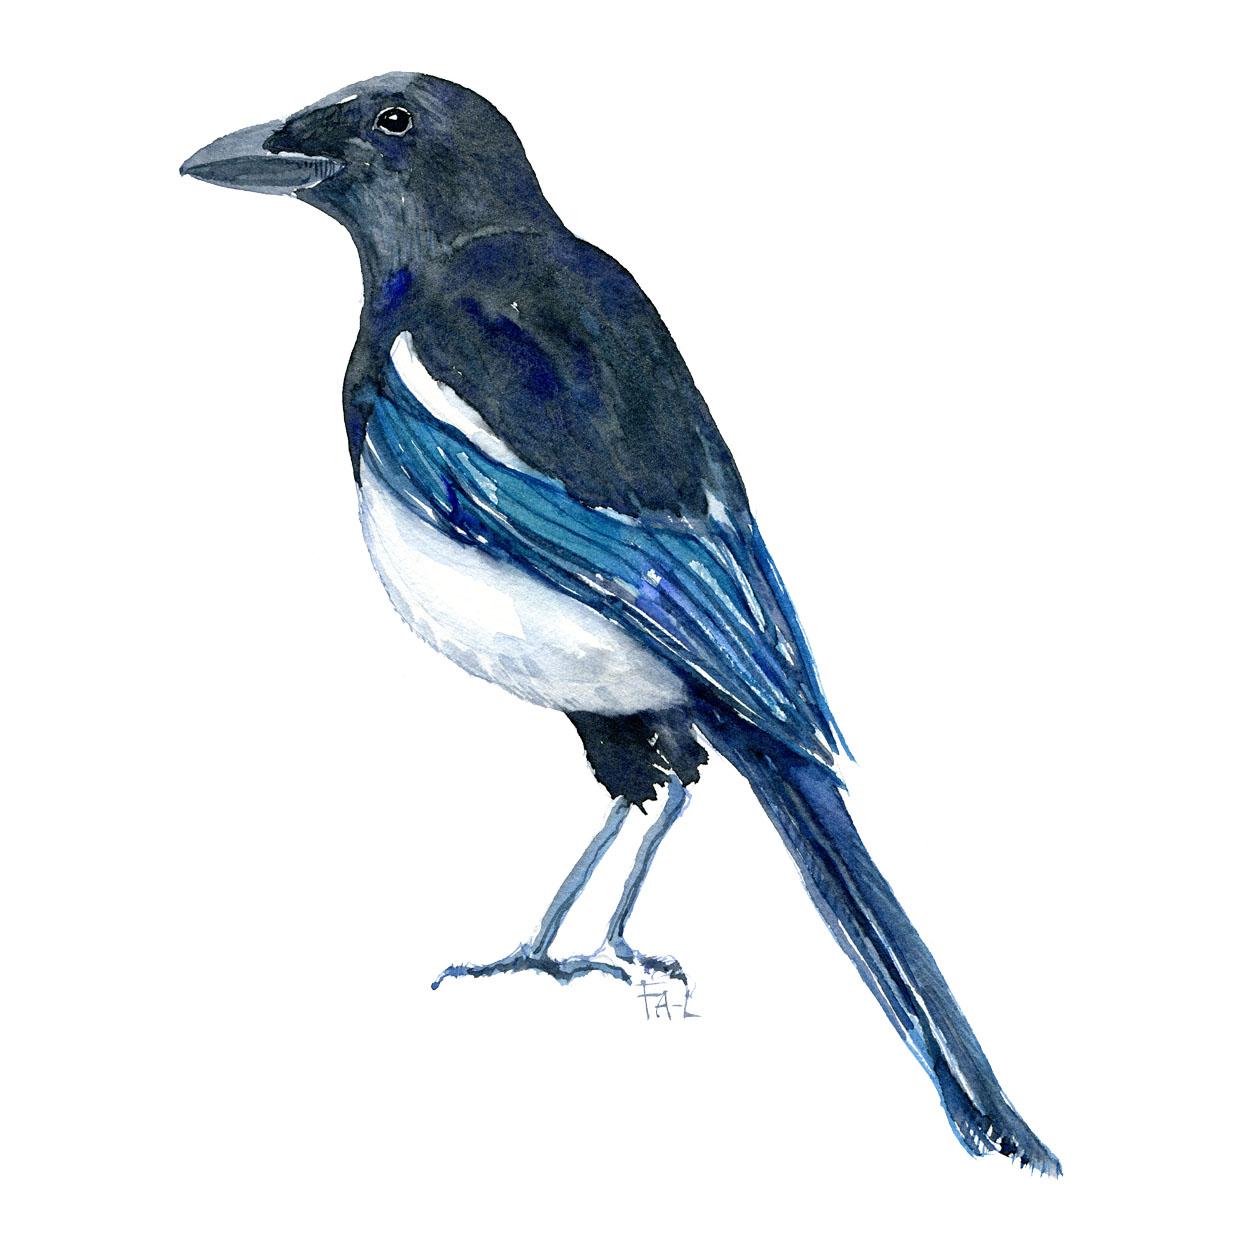 Fugle akvarel af Skade - illustration af Frits Ahlefeldt